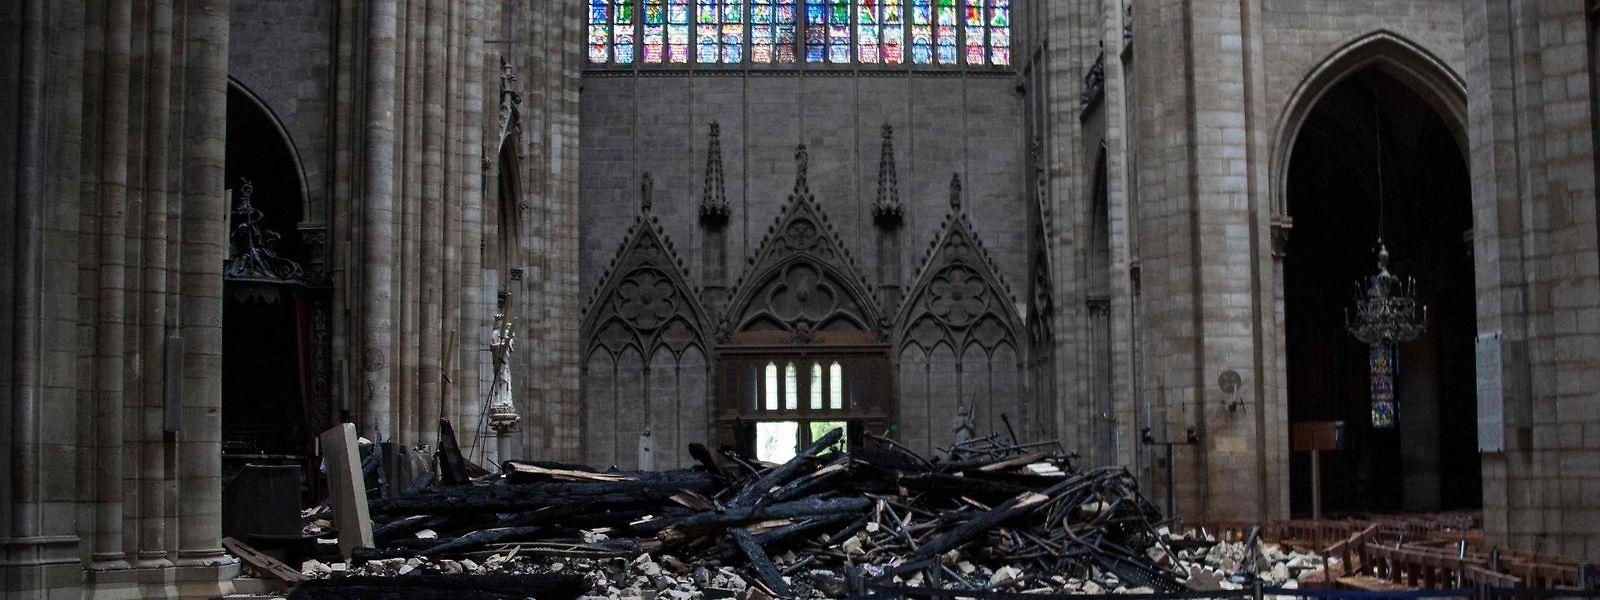 L'incendie de lundi dernier a ravagé la toiture de la nef, du chœur et du transept, ainsi que la flèche de la cathédrale Notre-Dame.